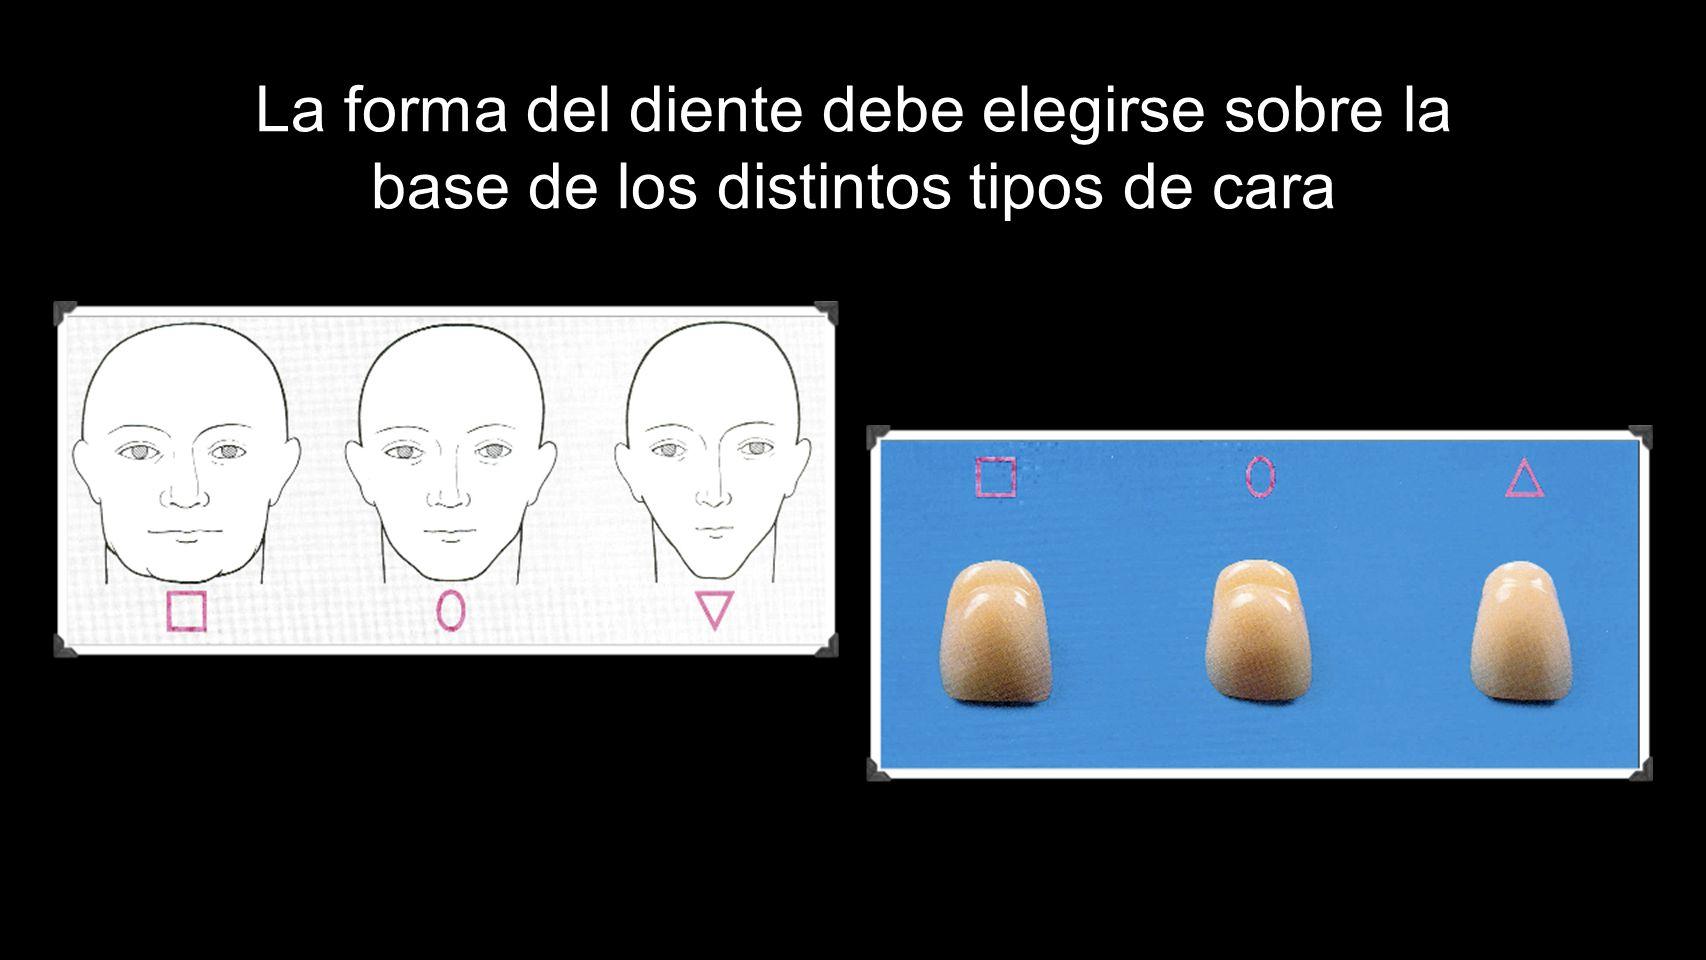 La forma del diente debe elegirse sobre la base de los distintos tipos de cara